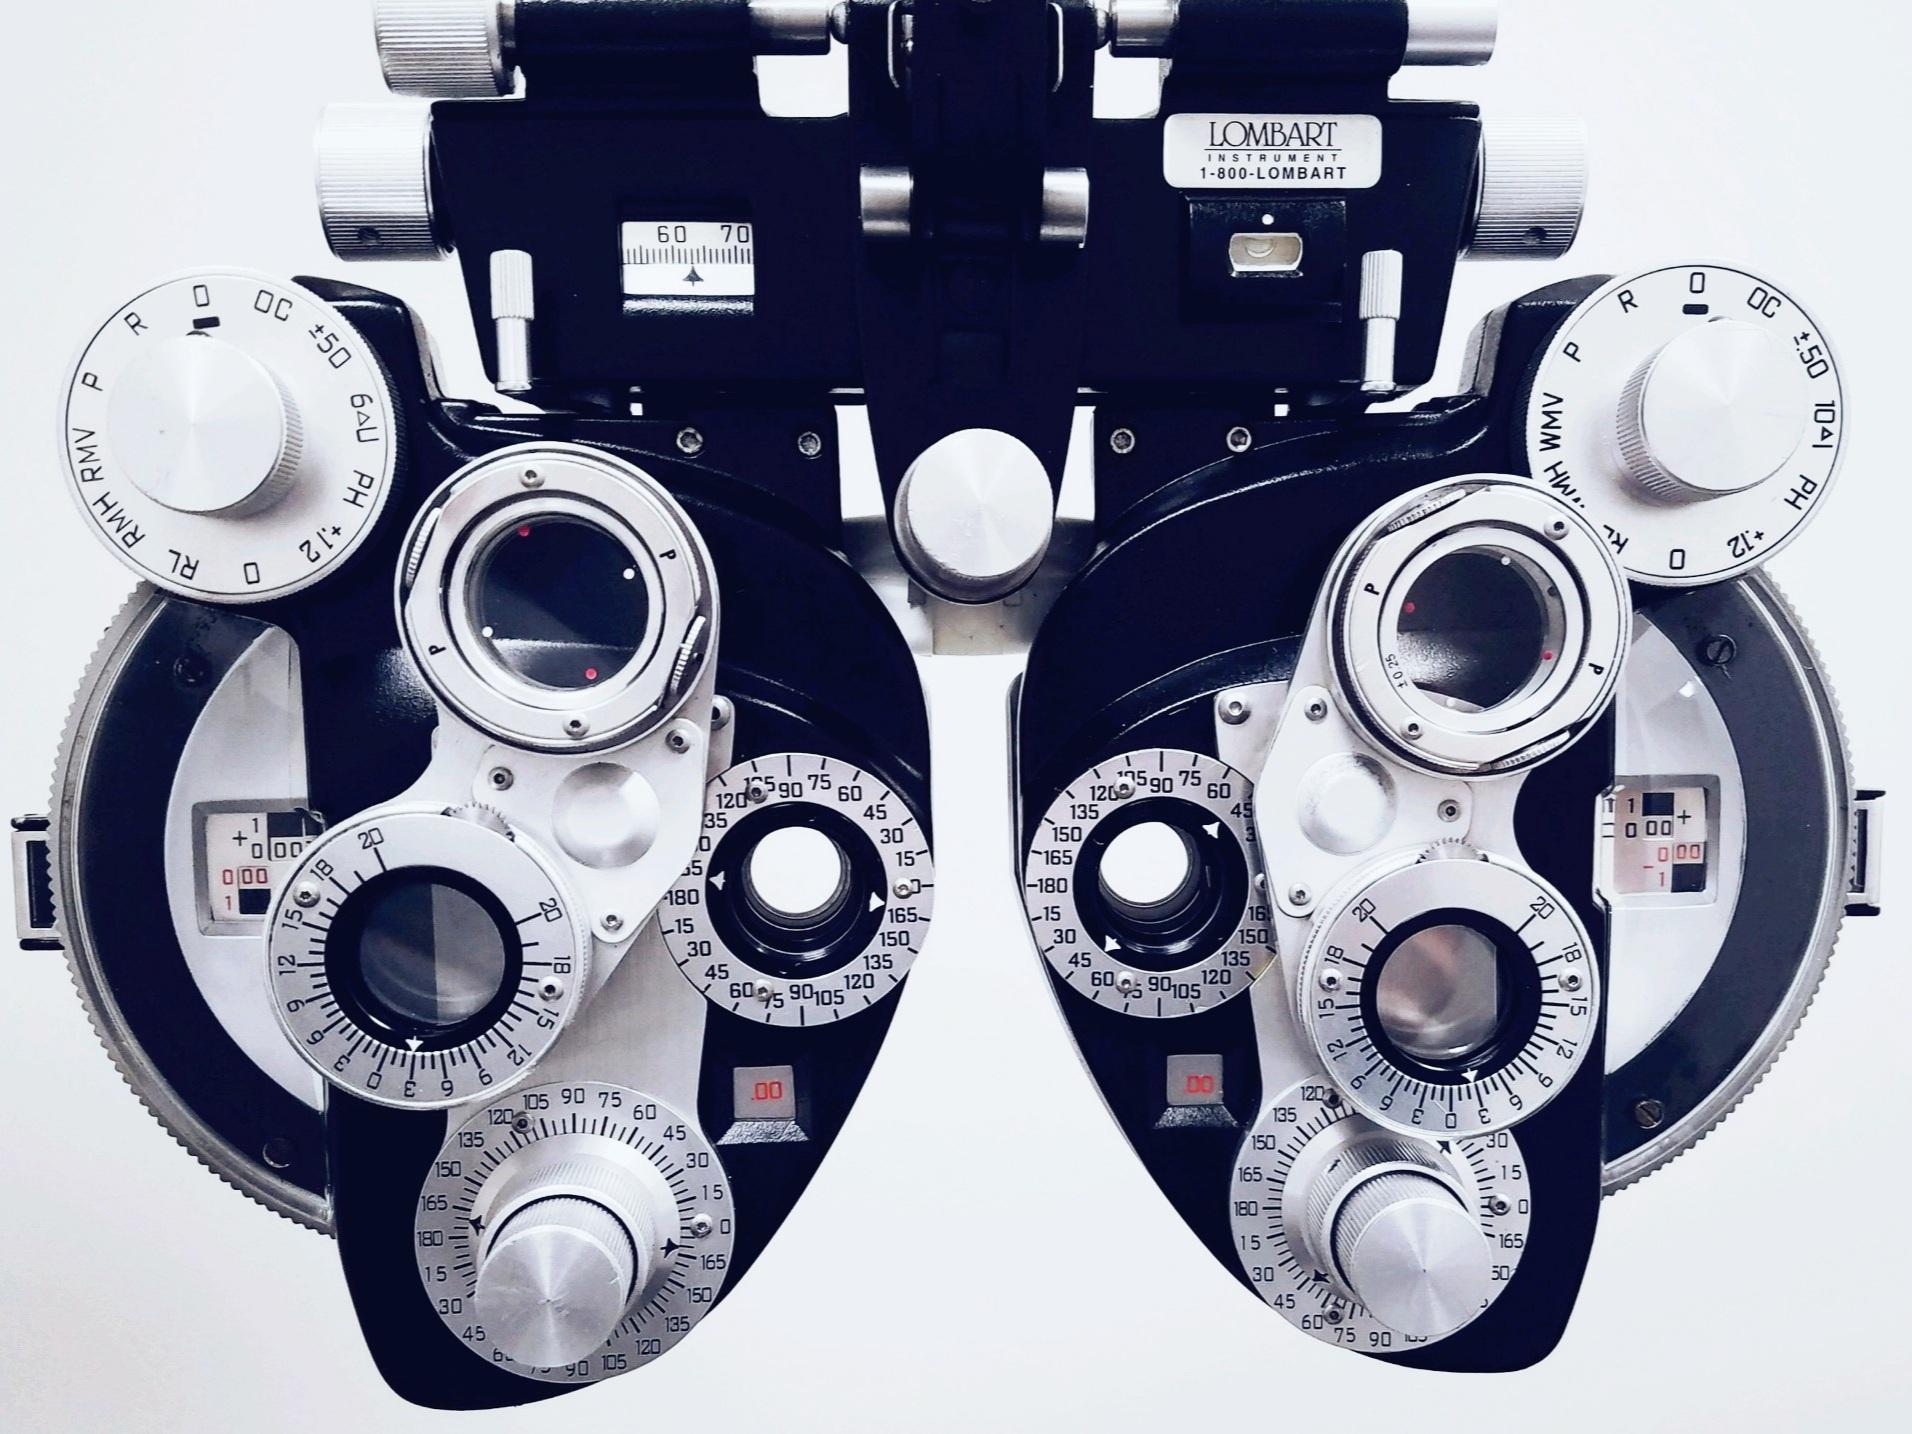 eye+exam+eyeglasses+winston+salem.jpg